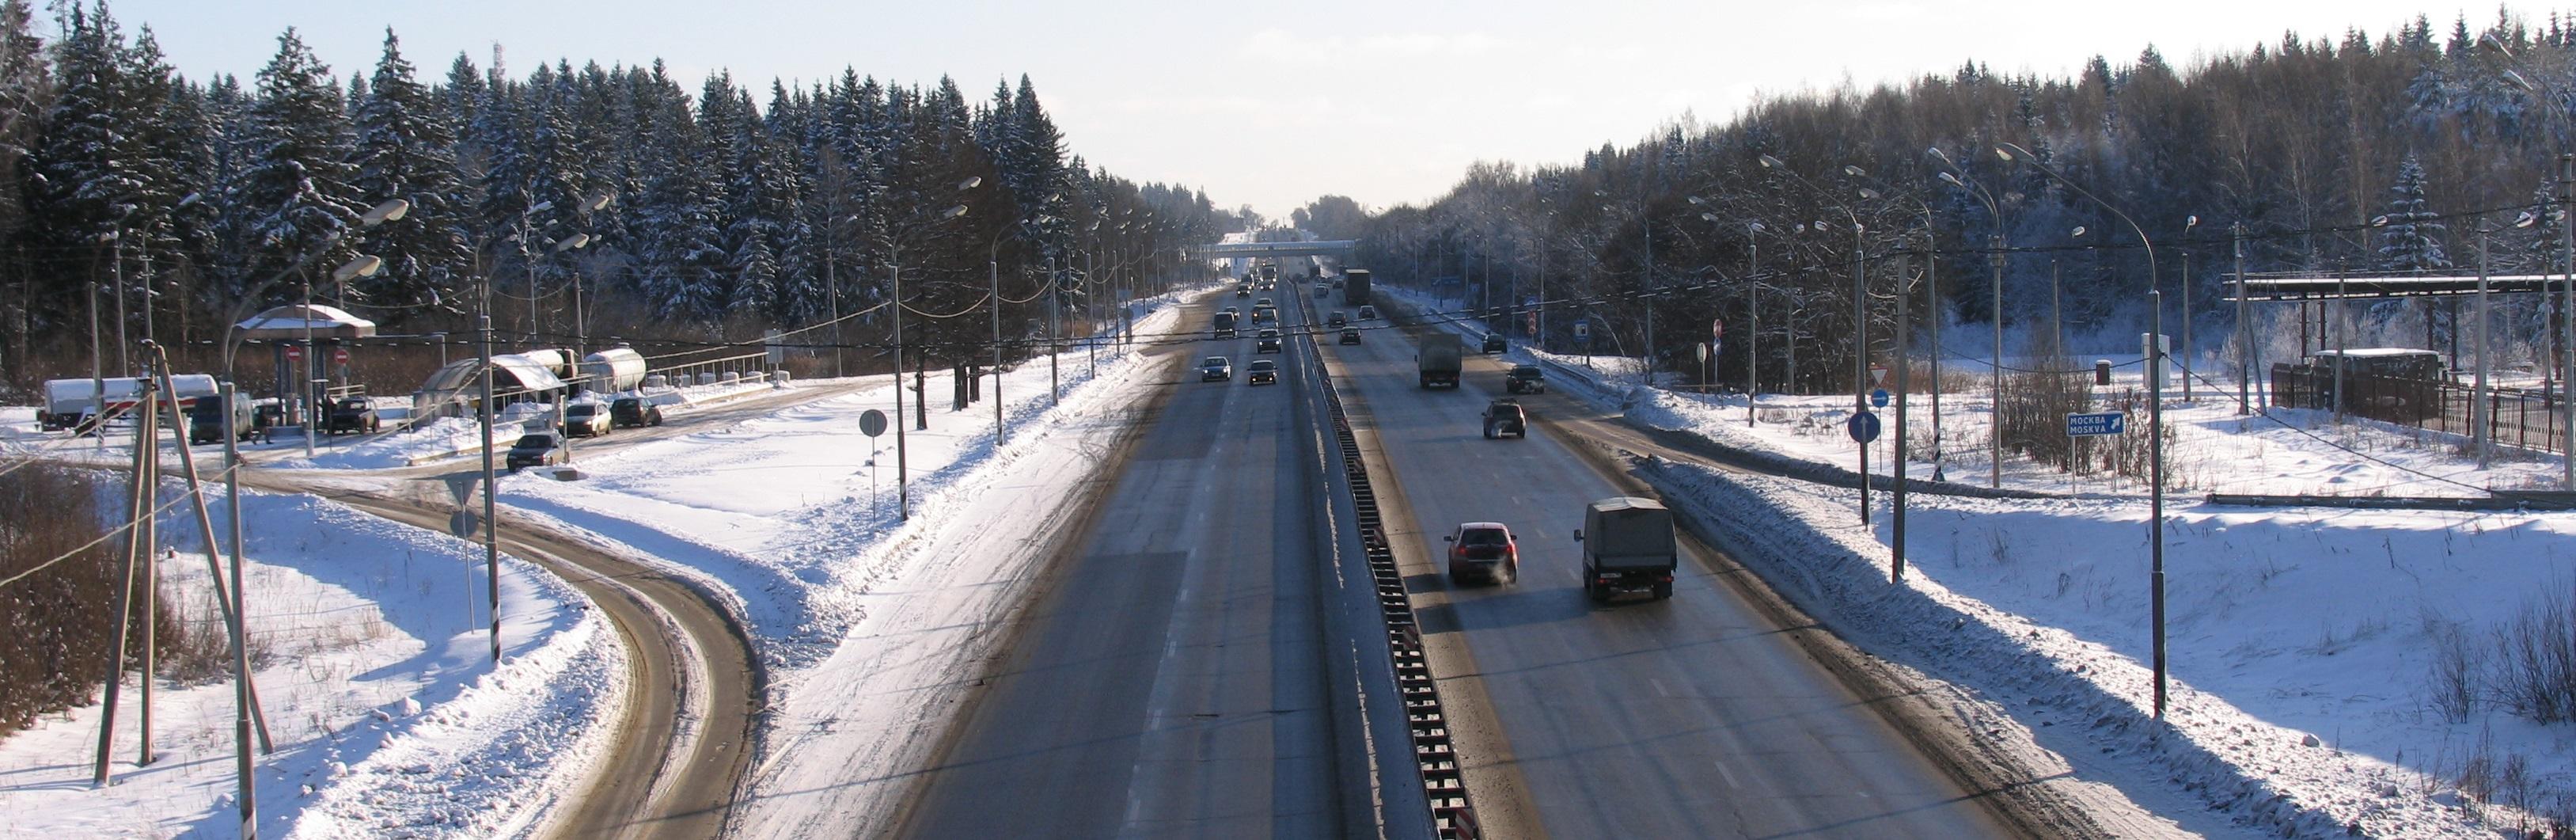 Грузоперевозки в область Ленинградское шоссе